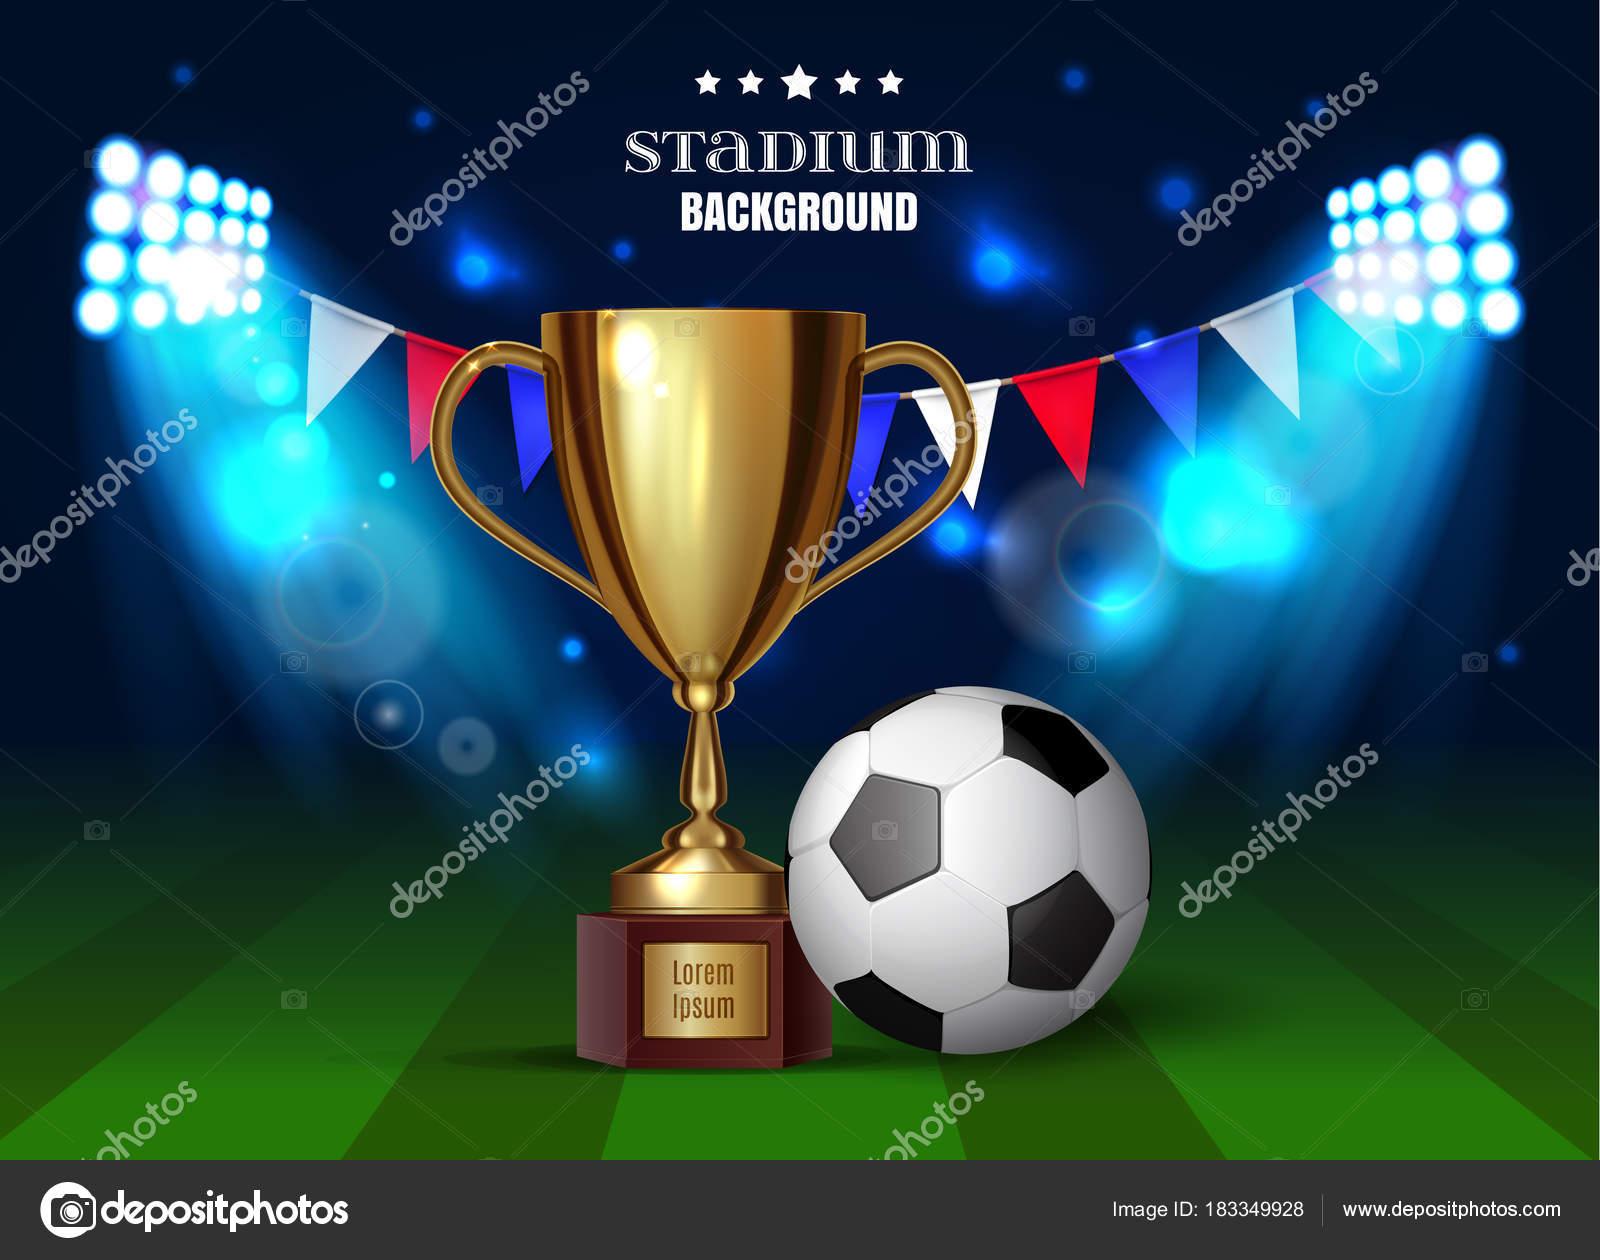 Copa Fútbol Campeonato Fútbol Balón Fútbol Con Una